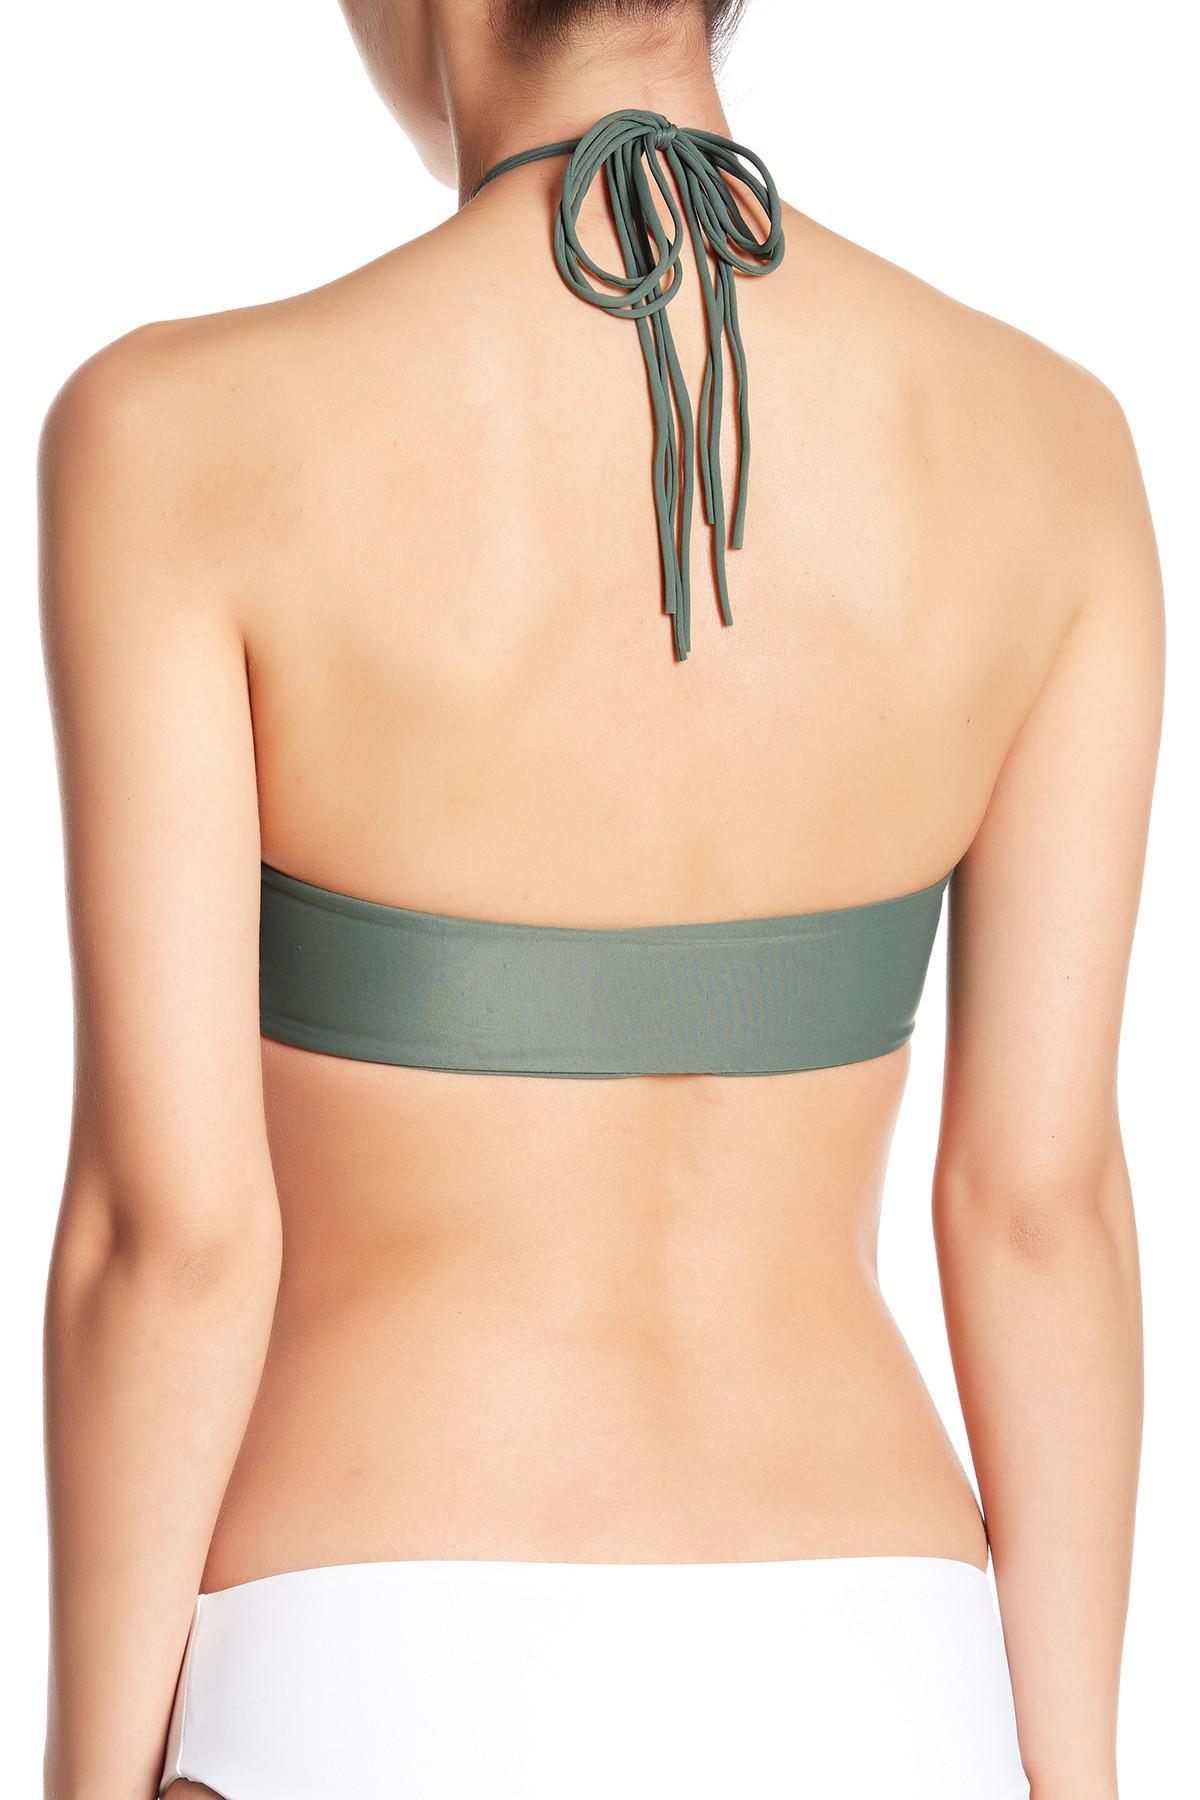 d71d3ab26d2b0 Mikoh Swimwear - Green West Oz Halter Bikini Top - Lyst. View fullscreen